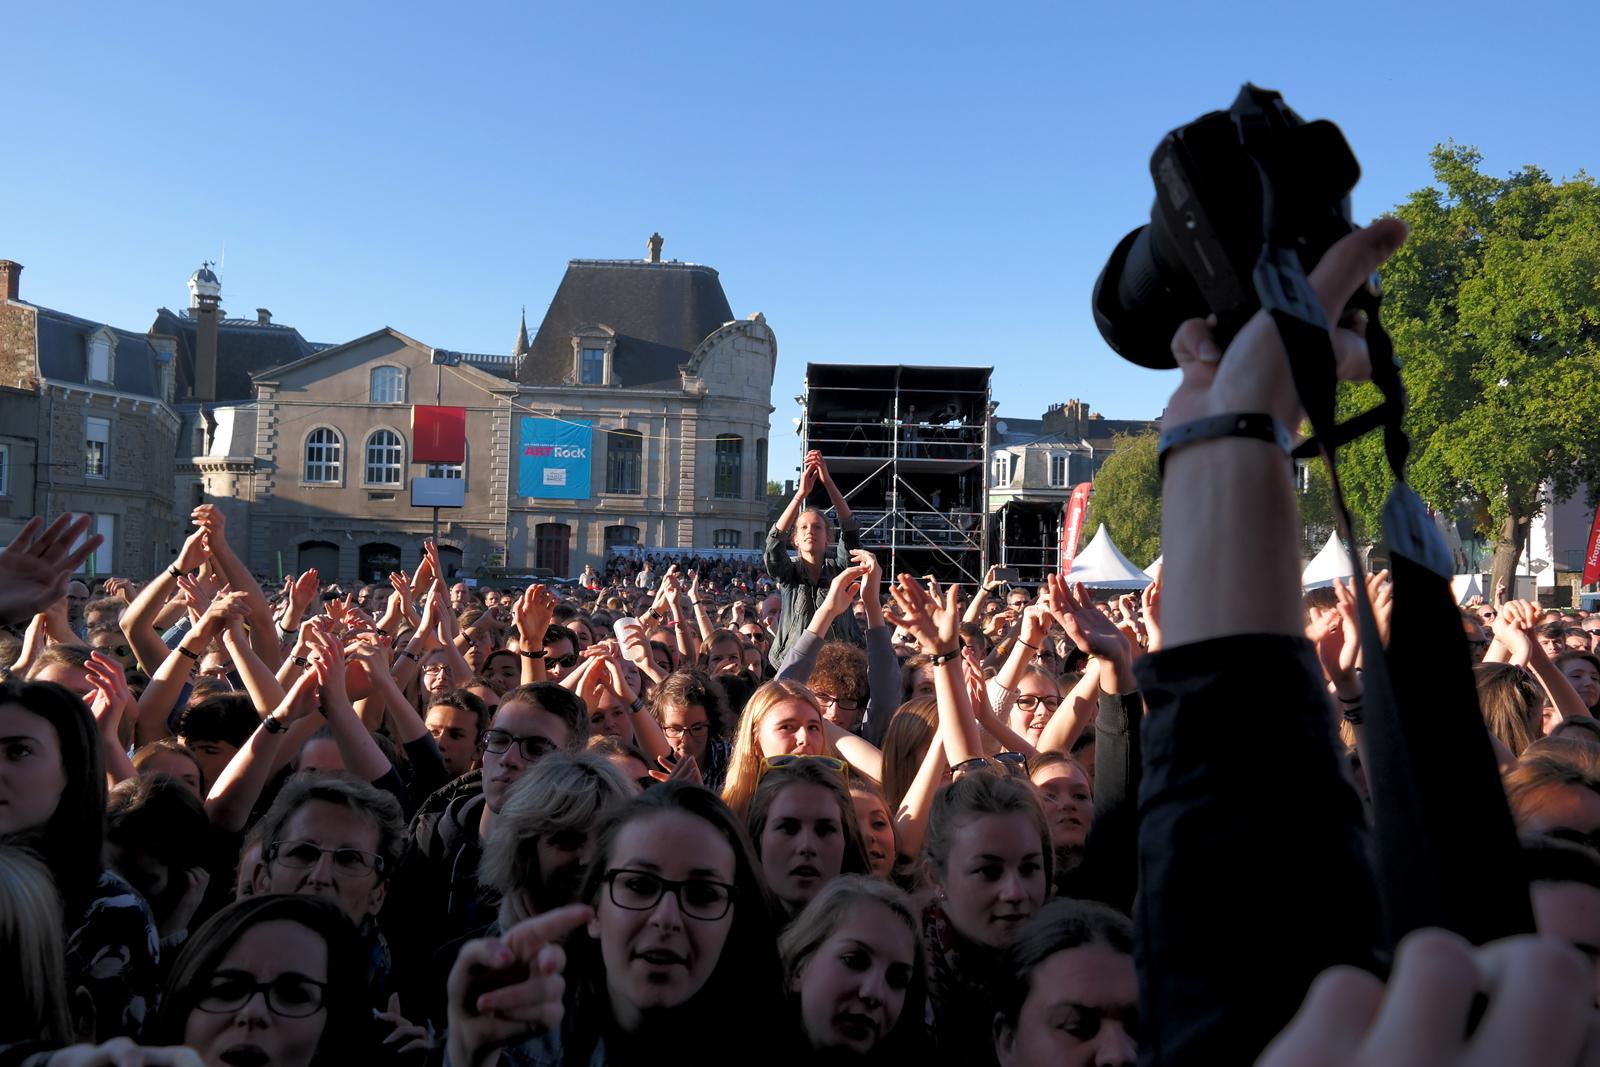 Yelle et boule à facettes concert festival Art Rock 2015 saint brieuc Julie Budet live show scène stage tournée completement fou tour photo blog united states of paris